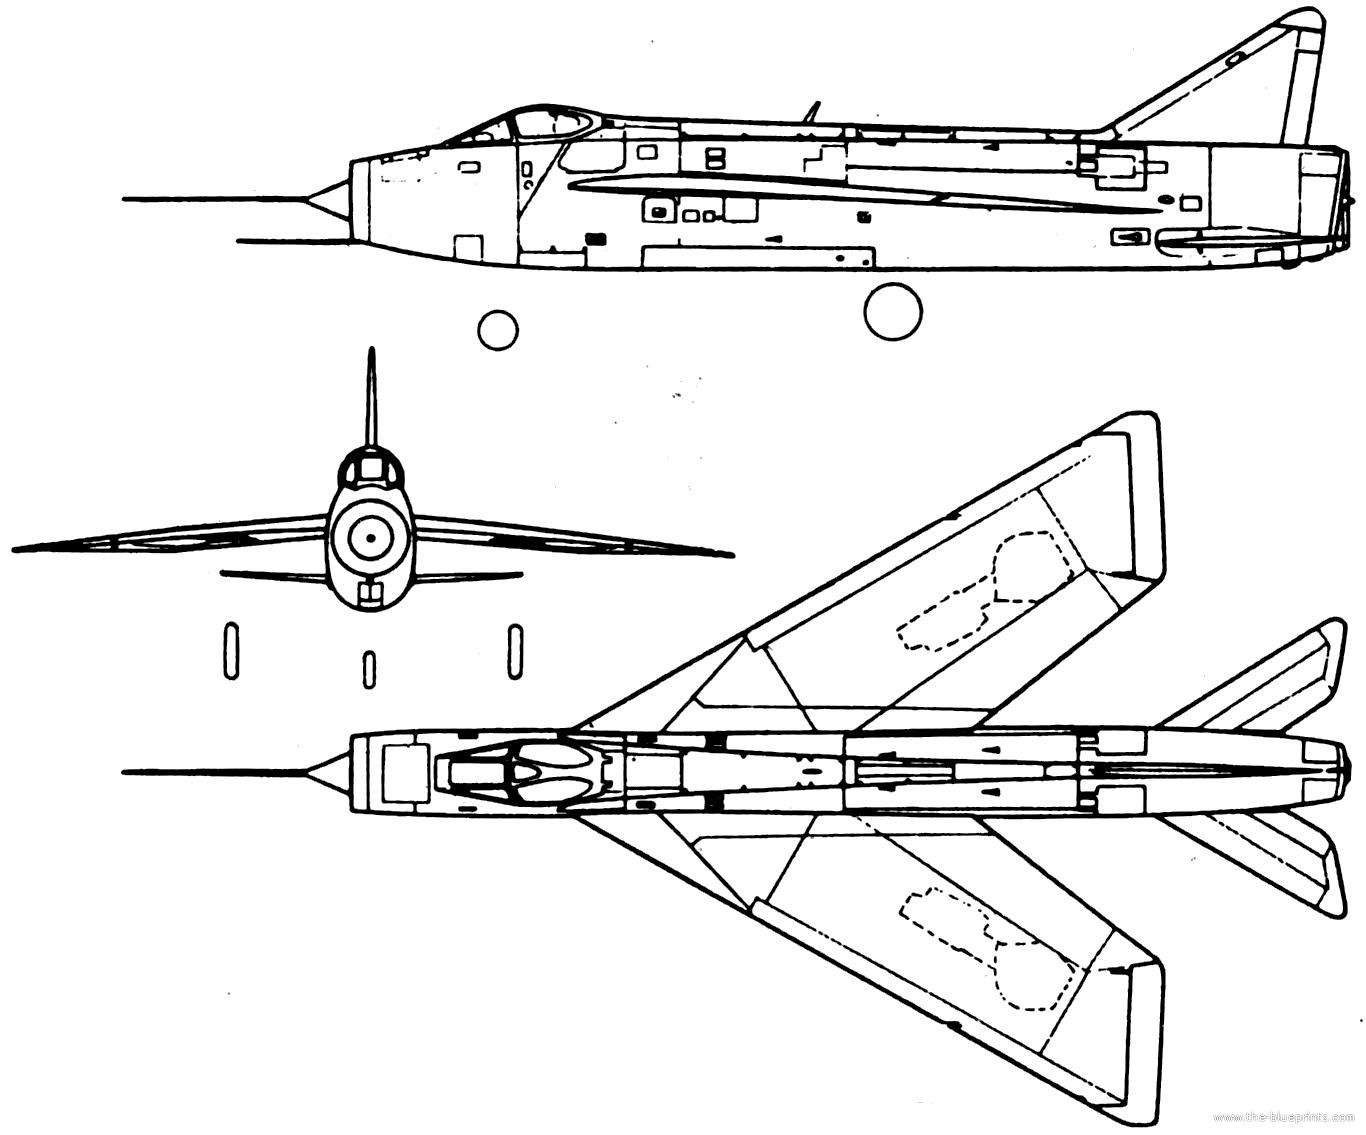 Blueprints Gt Modern Airplanes Gt Modern E Gt English